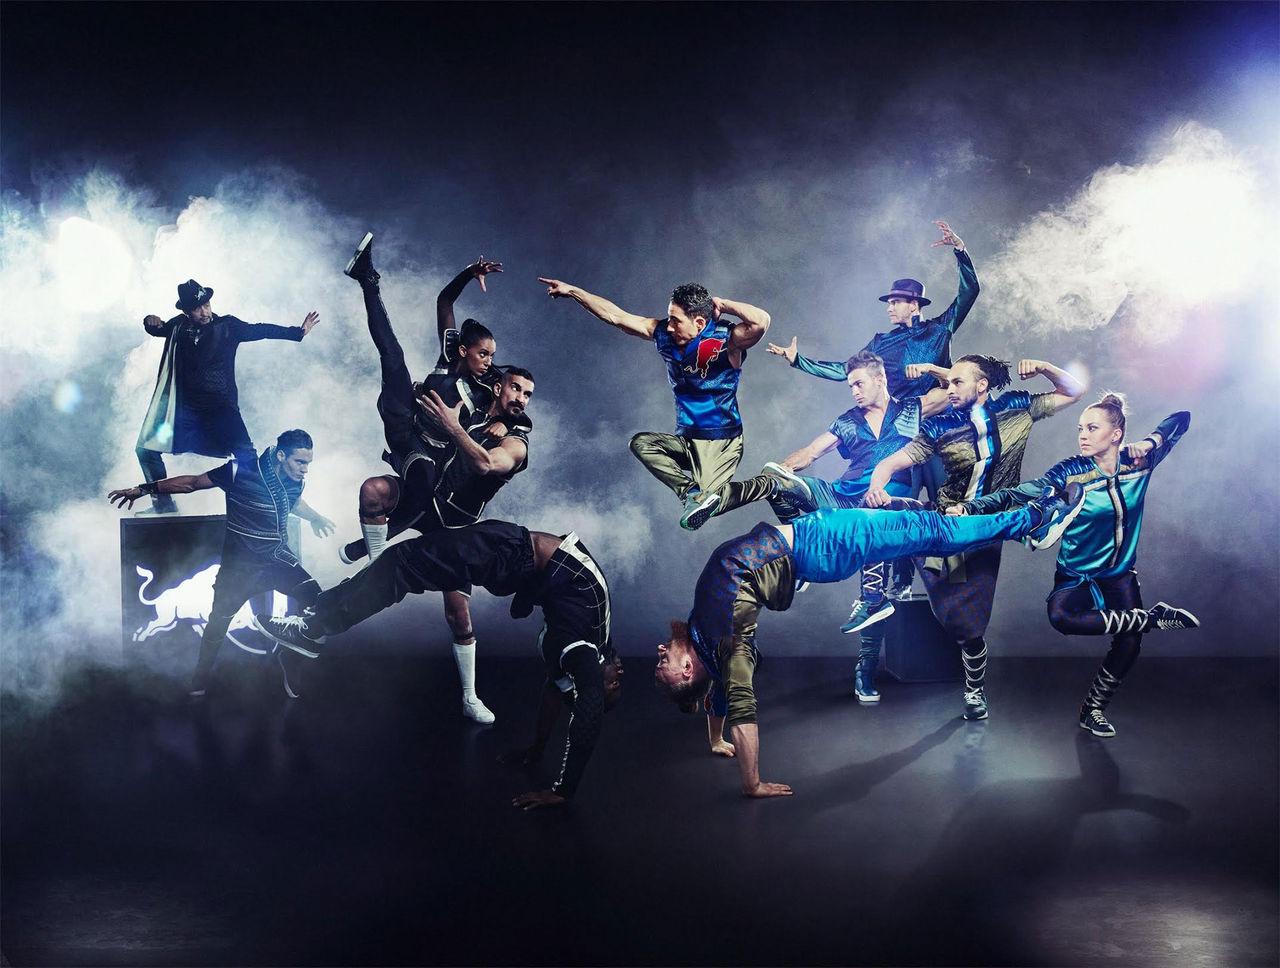 breakdanceföreställning kommer till Globen